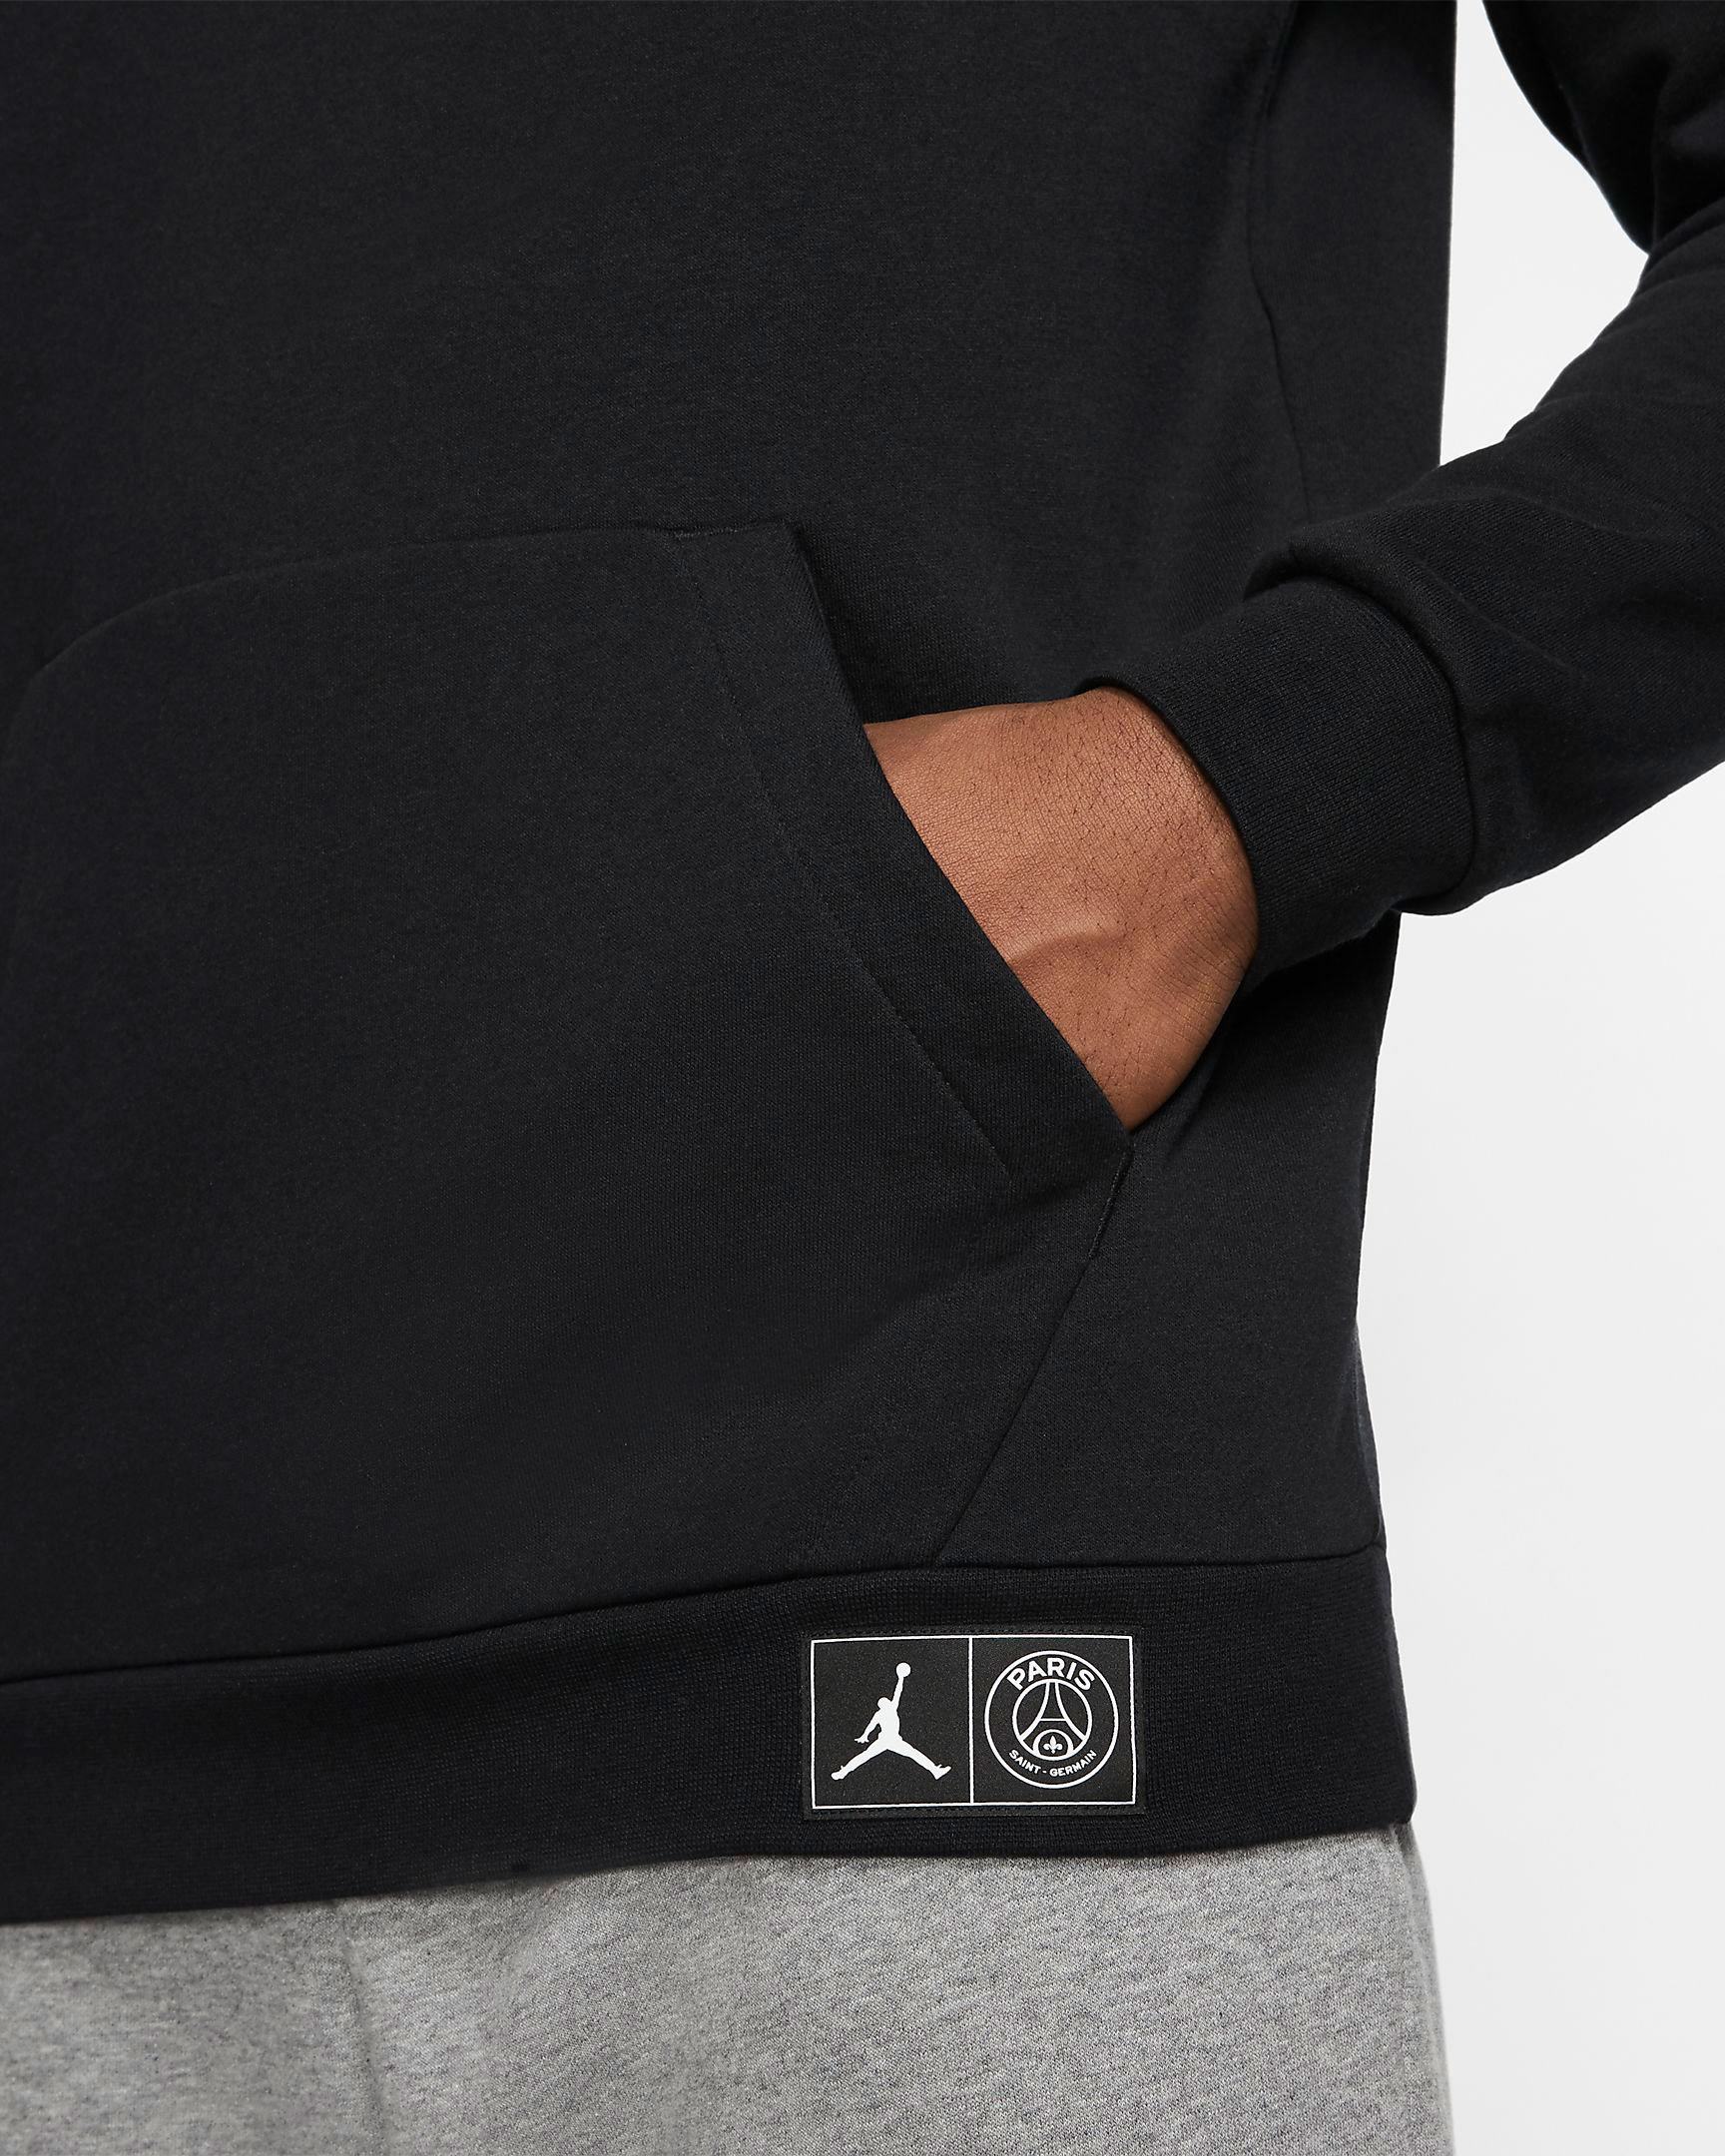 air-jordan-6-psg-paris-saint-germain-hoodie-3